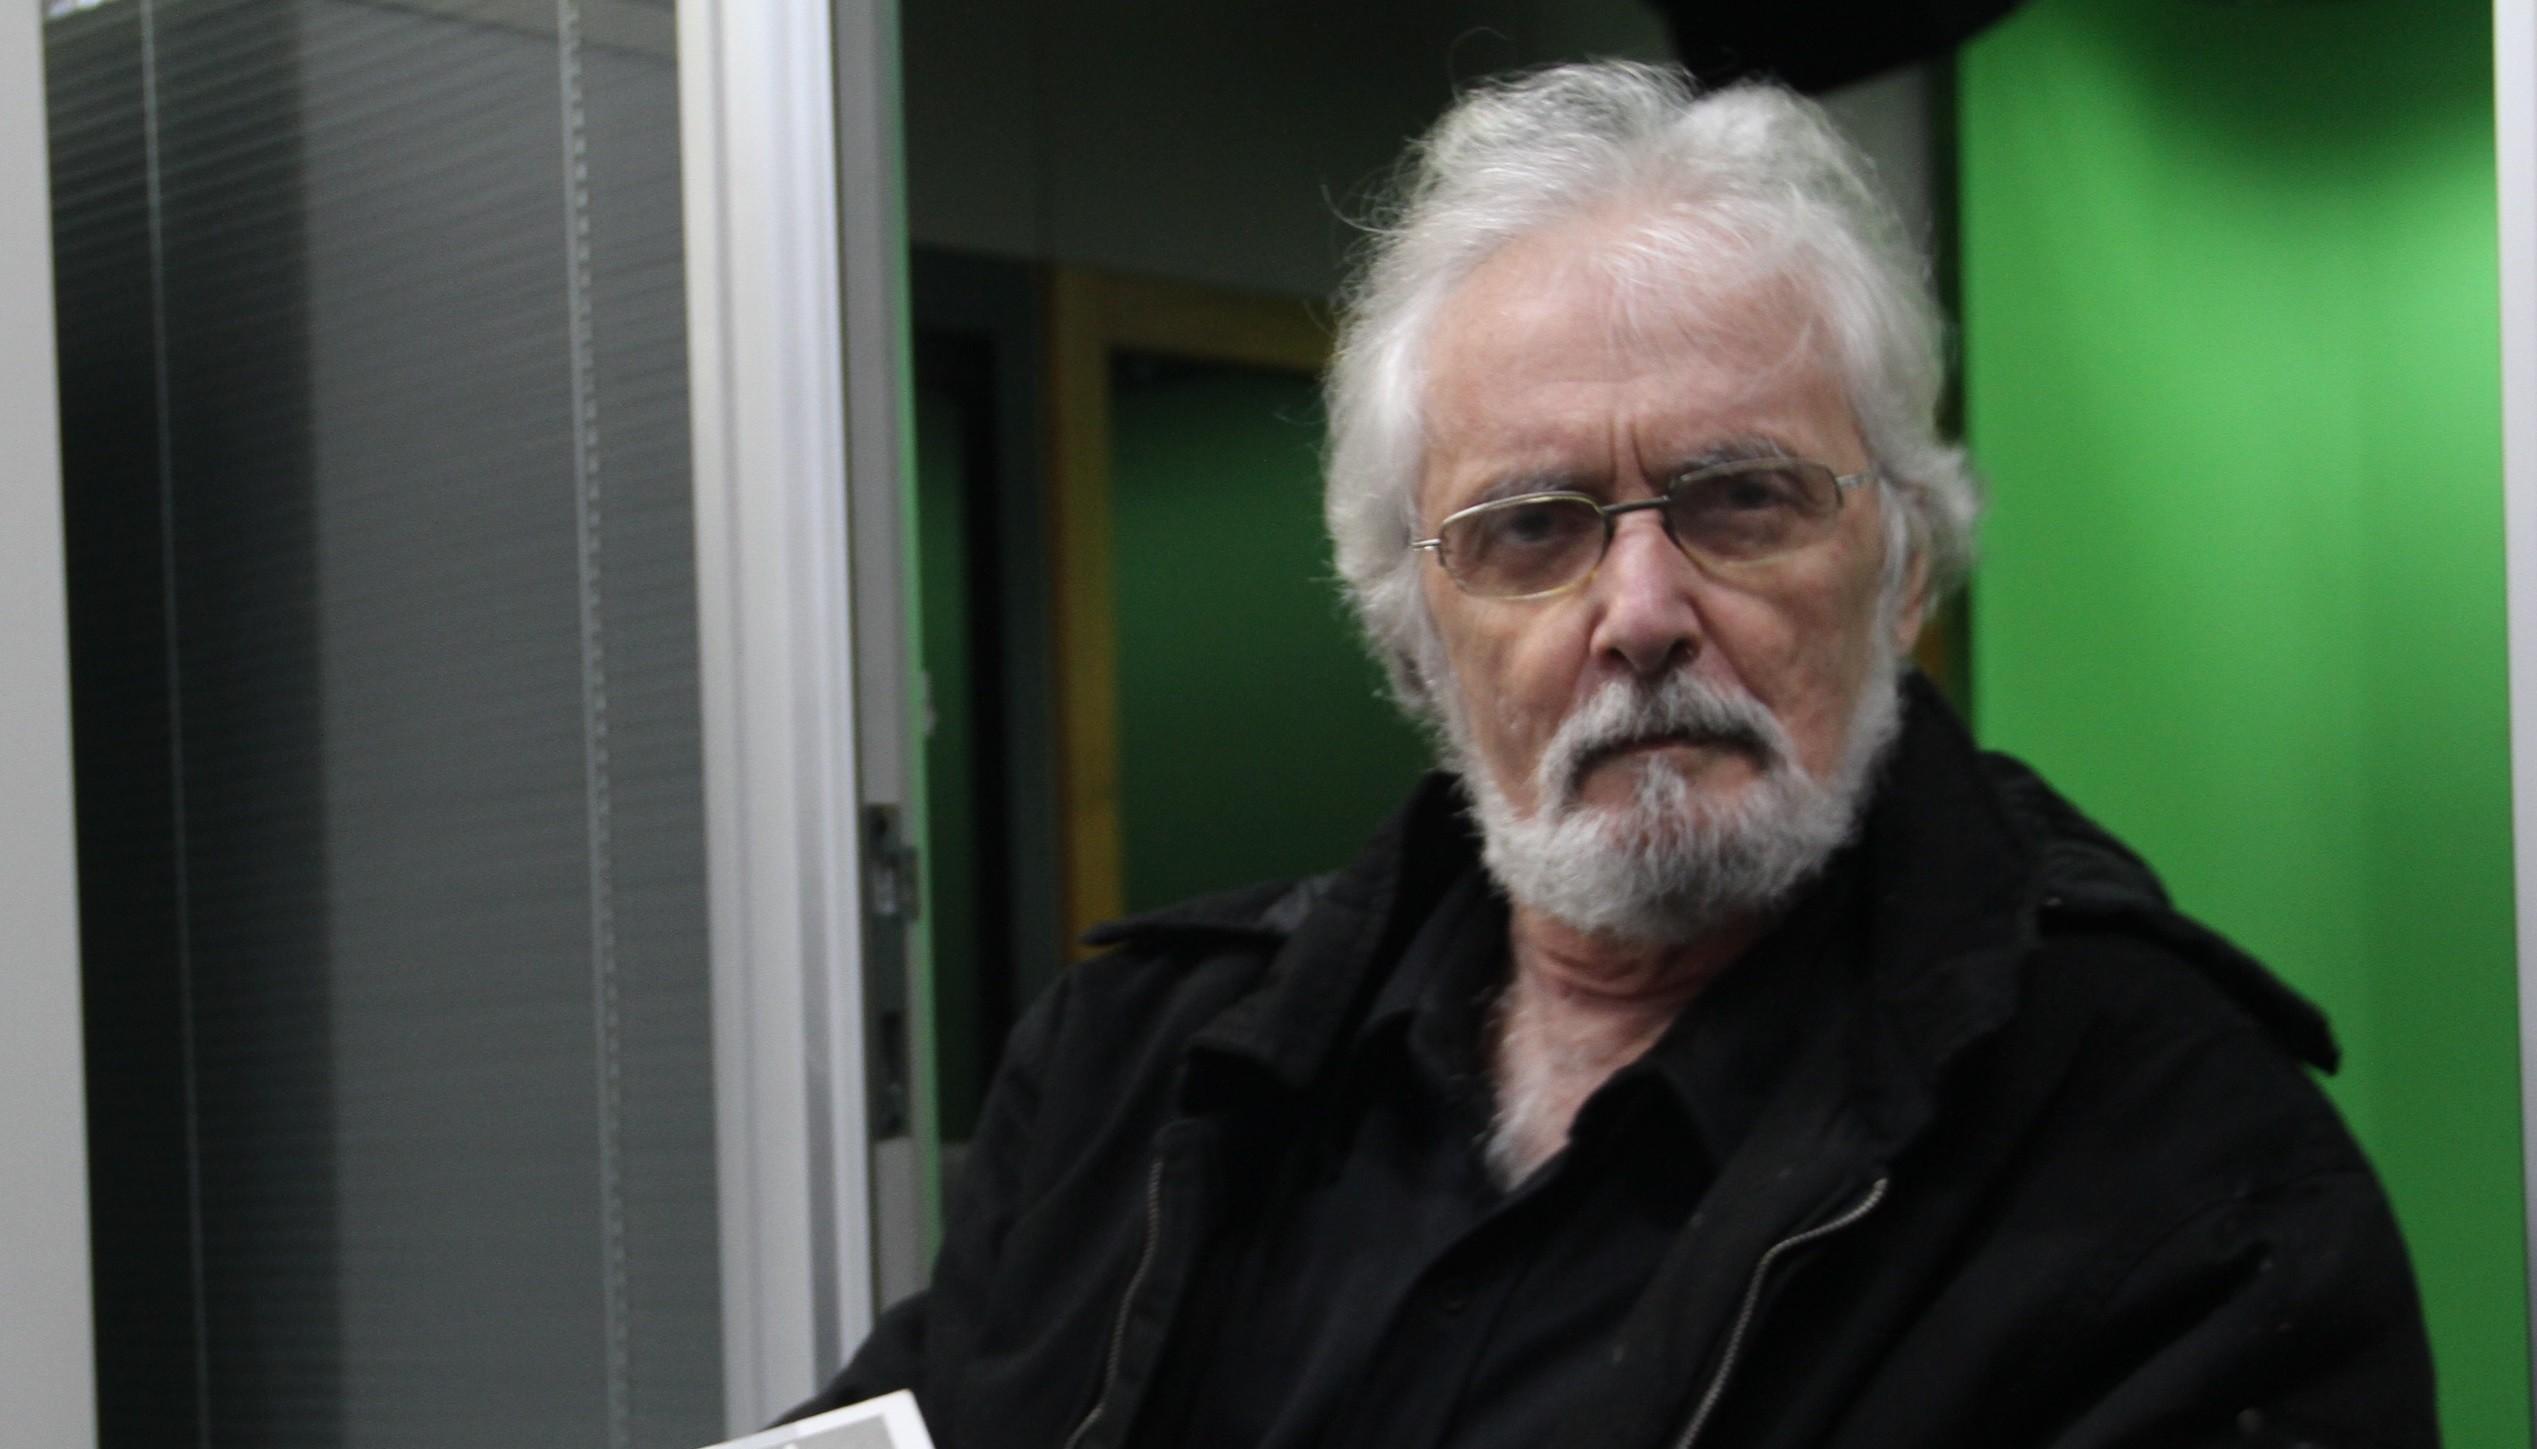 Escritor Vicente Cecim morre em Belém, aos 74 anos